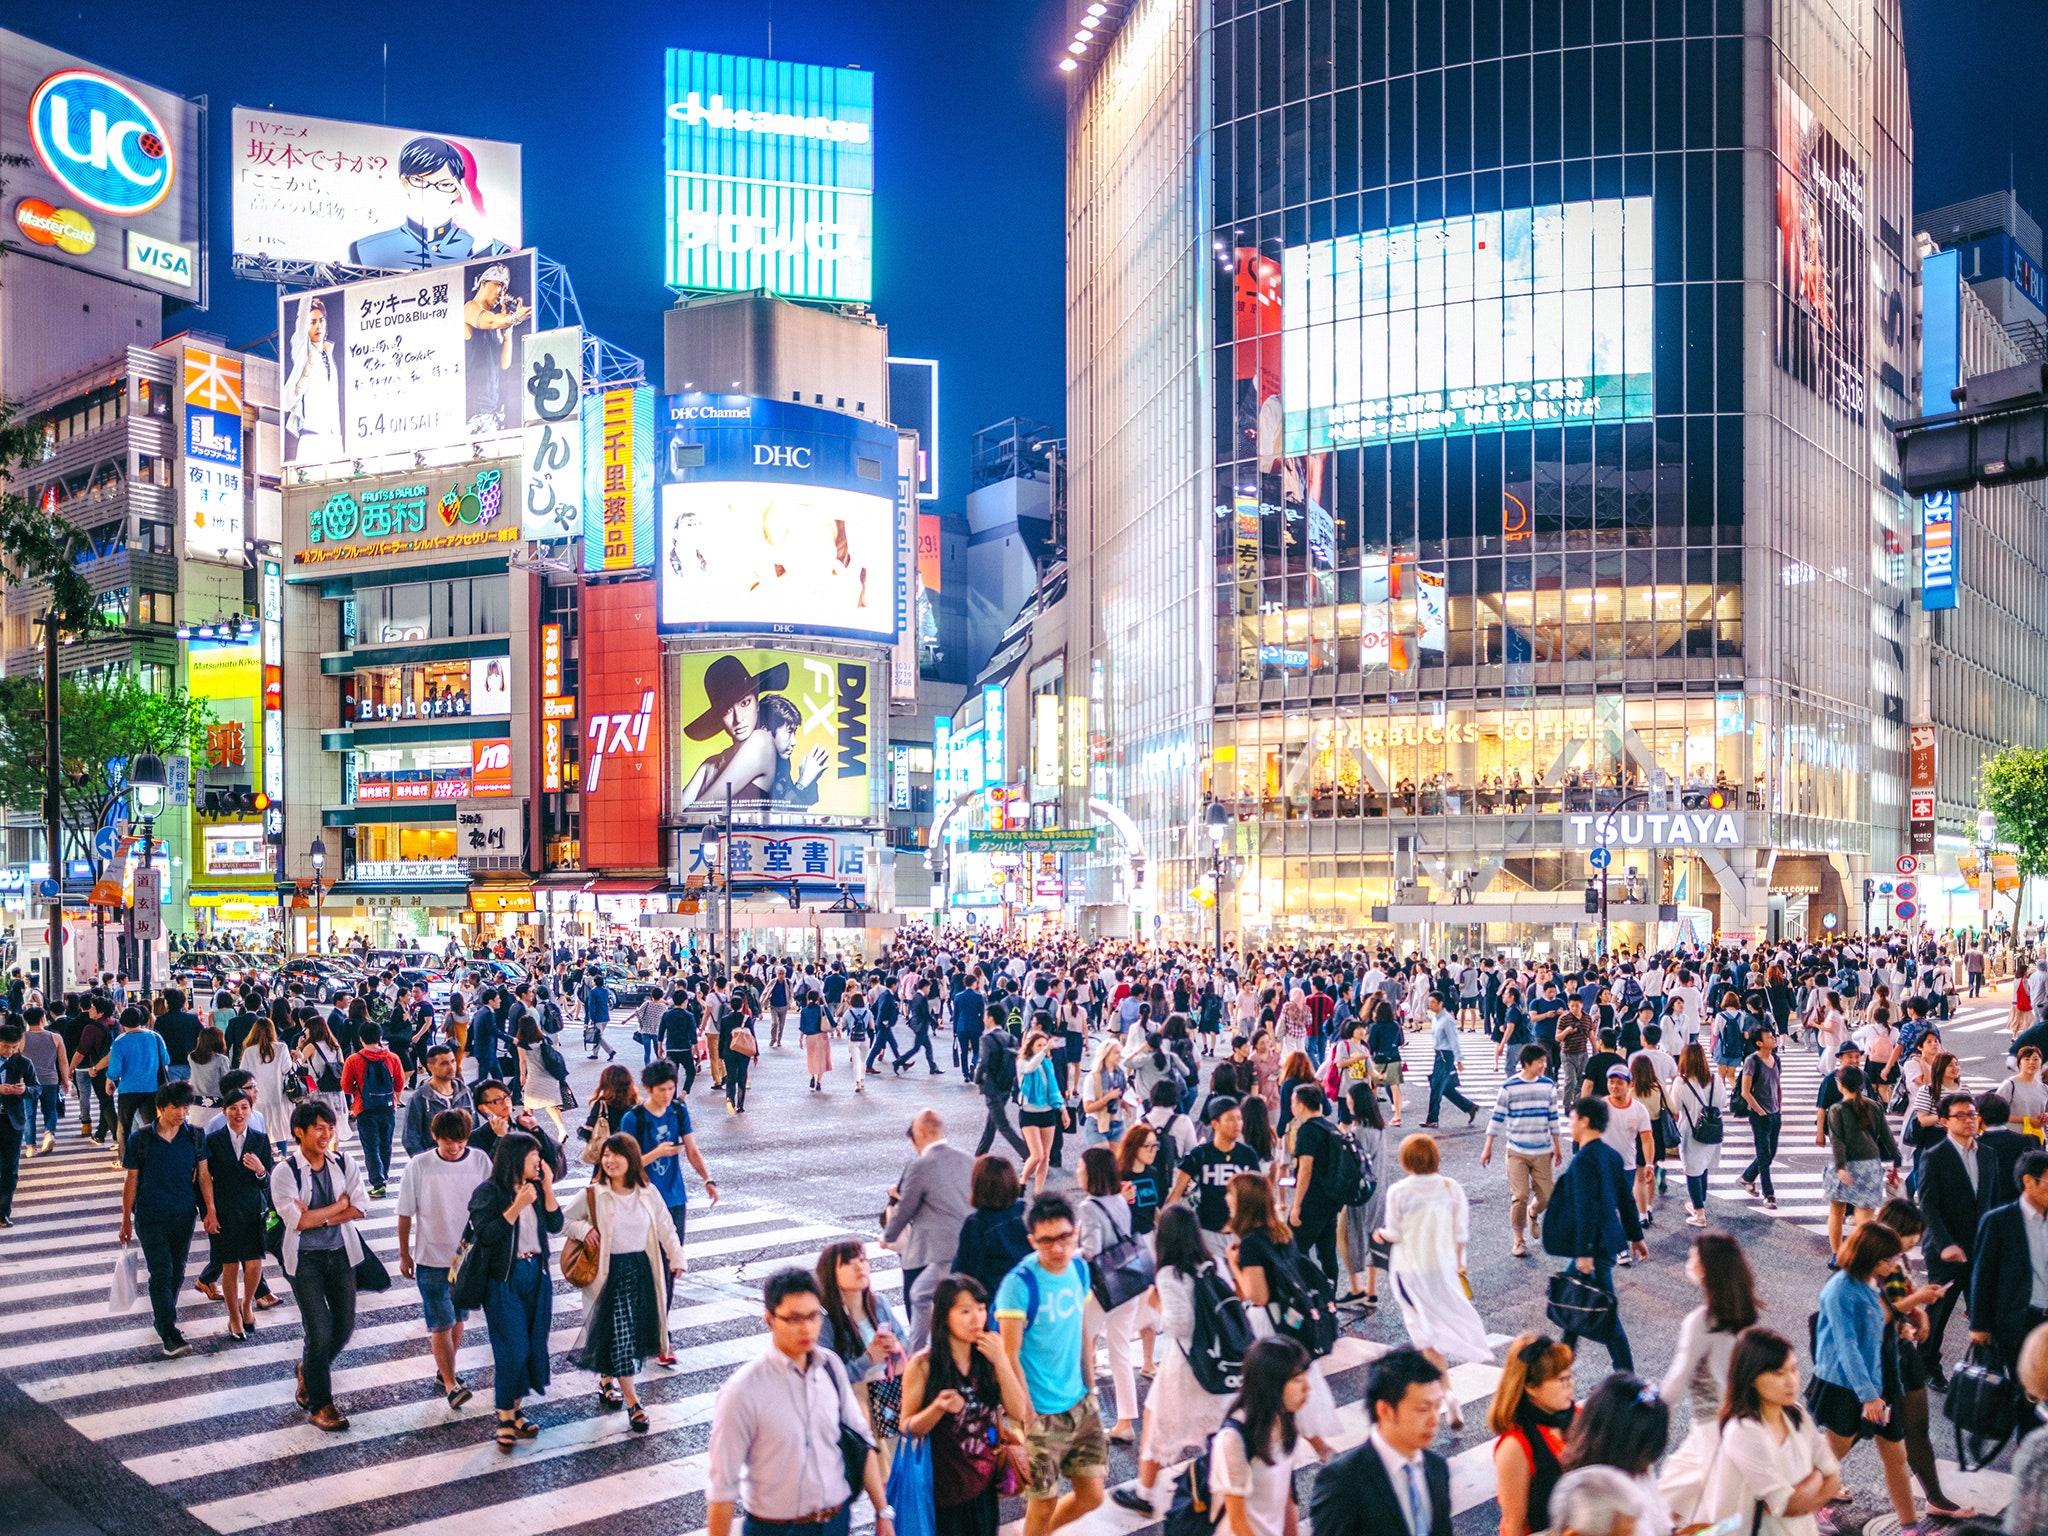 काम र बसोबासका लागि विश्वकै दोस्रो सर्वाधिक लोकप्रिय बन्यो जापान